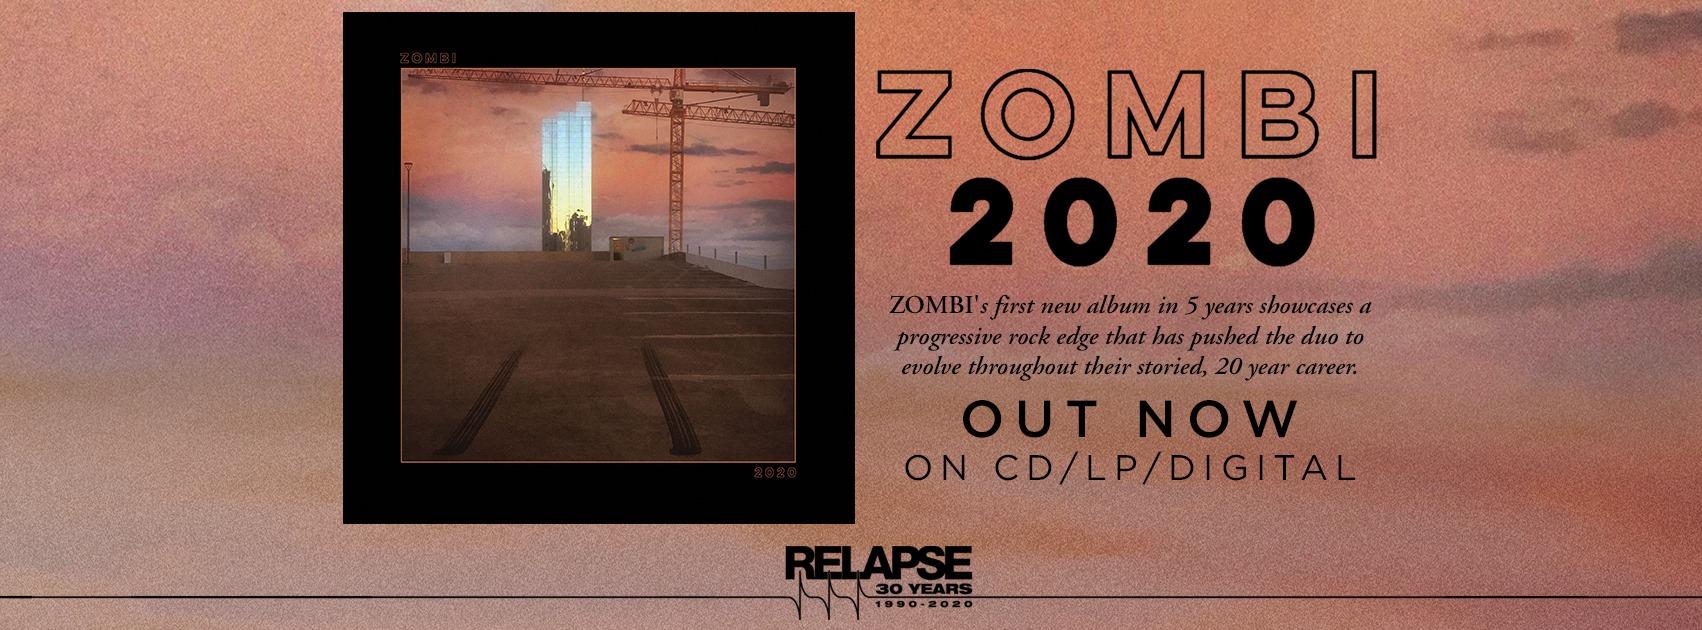 Zombi: 2020 (Relapse 2020).